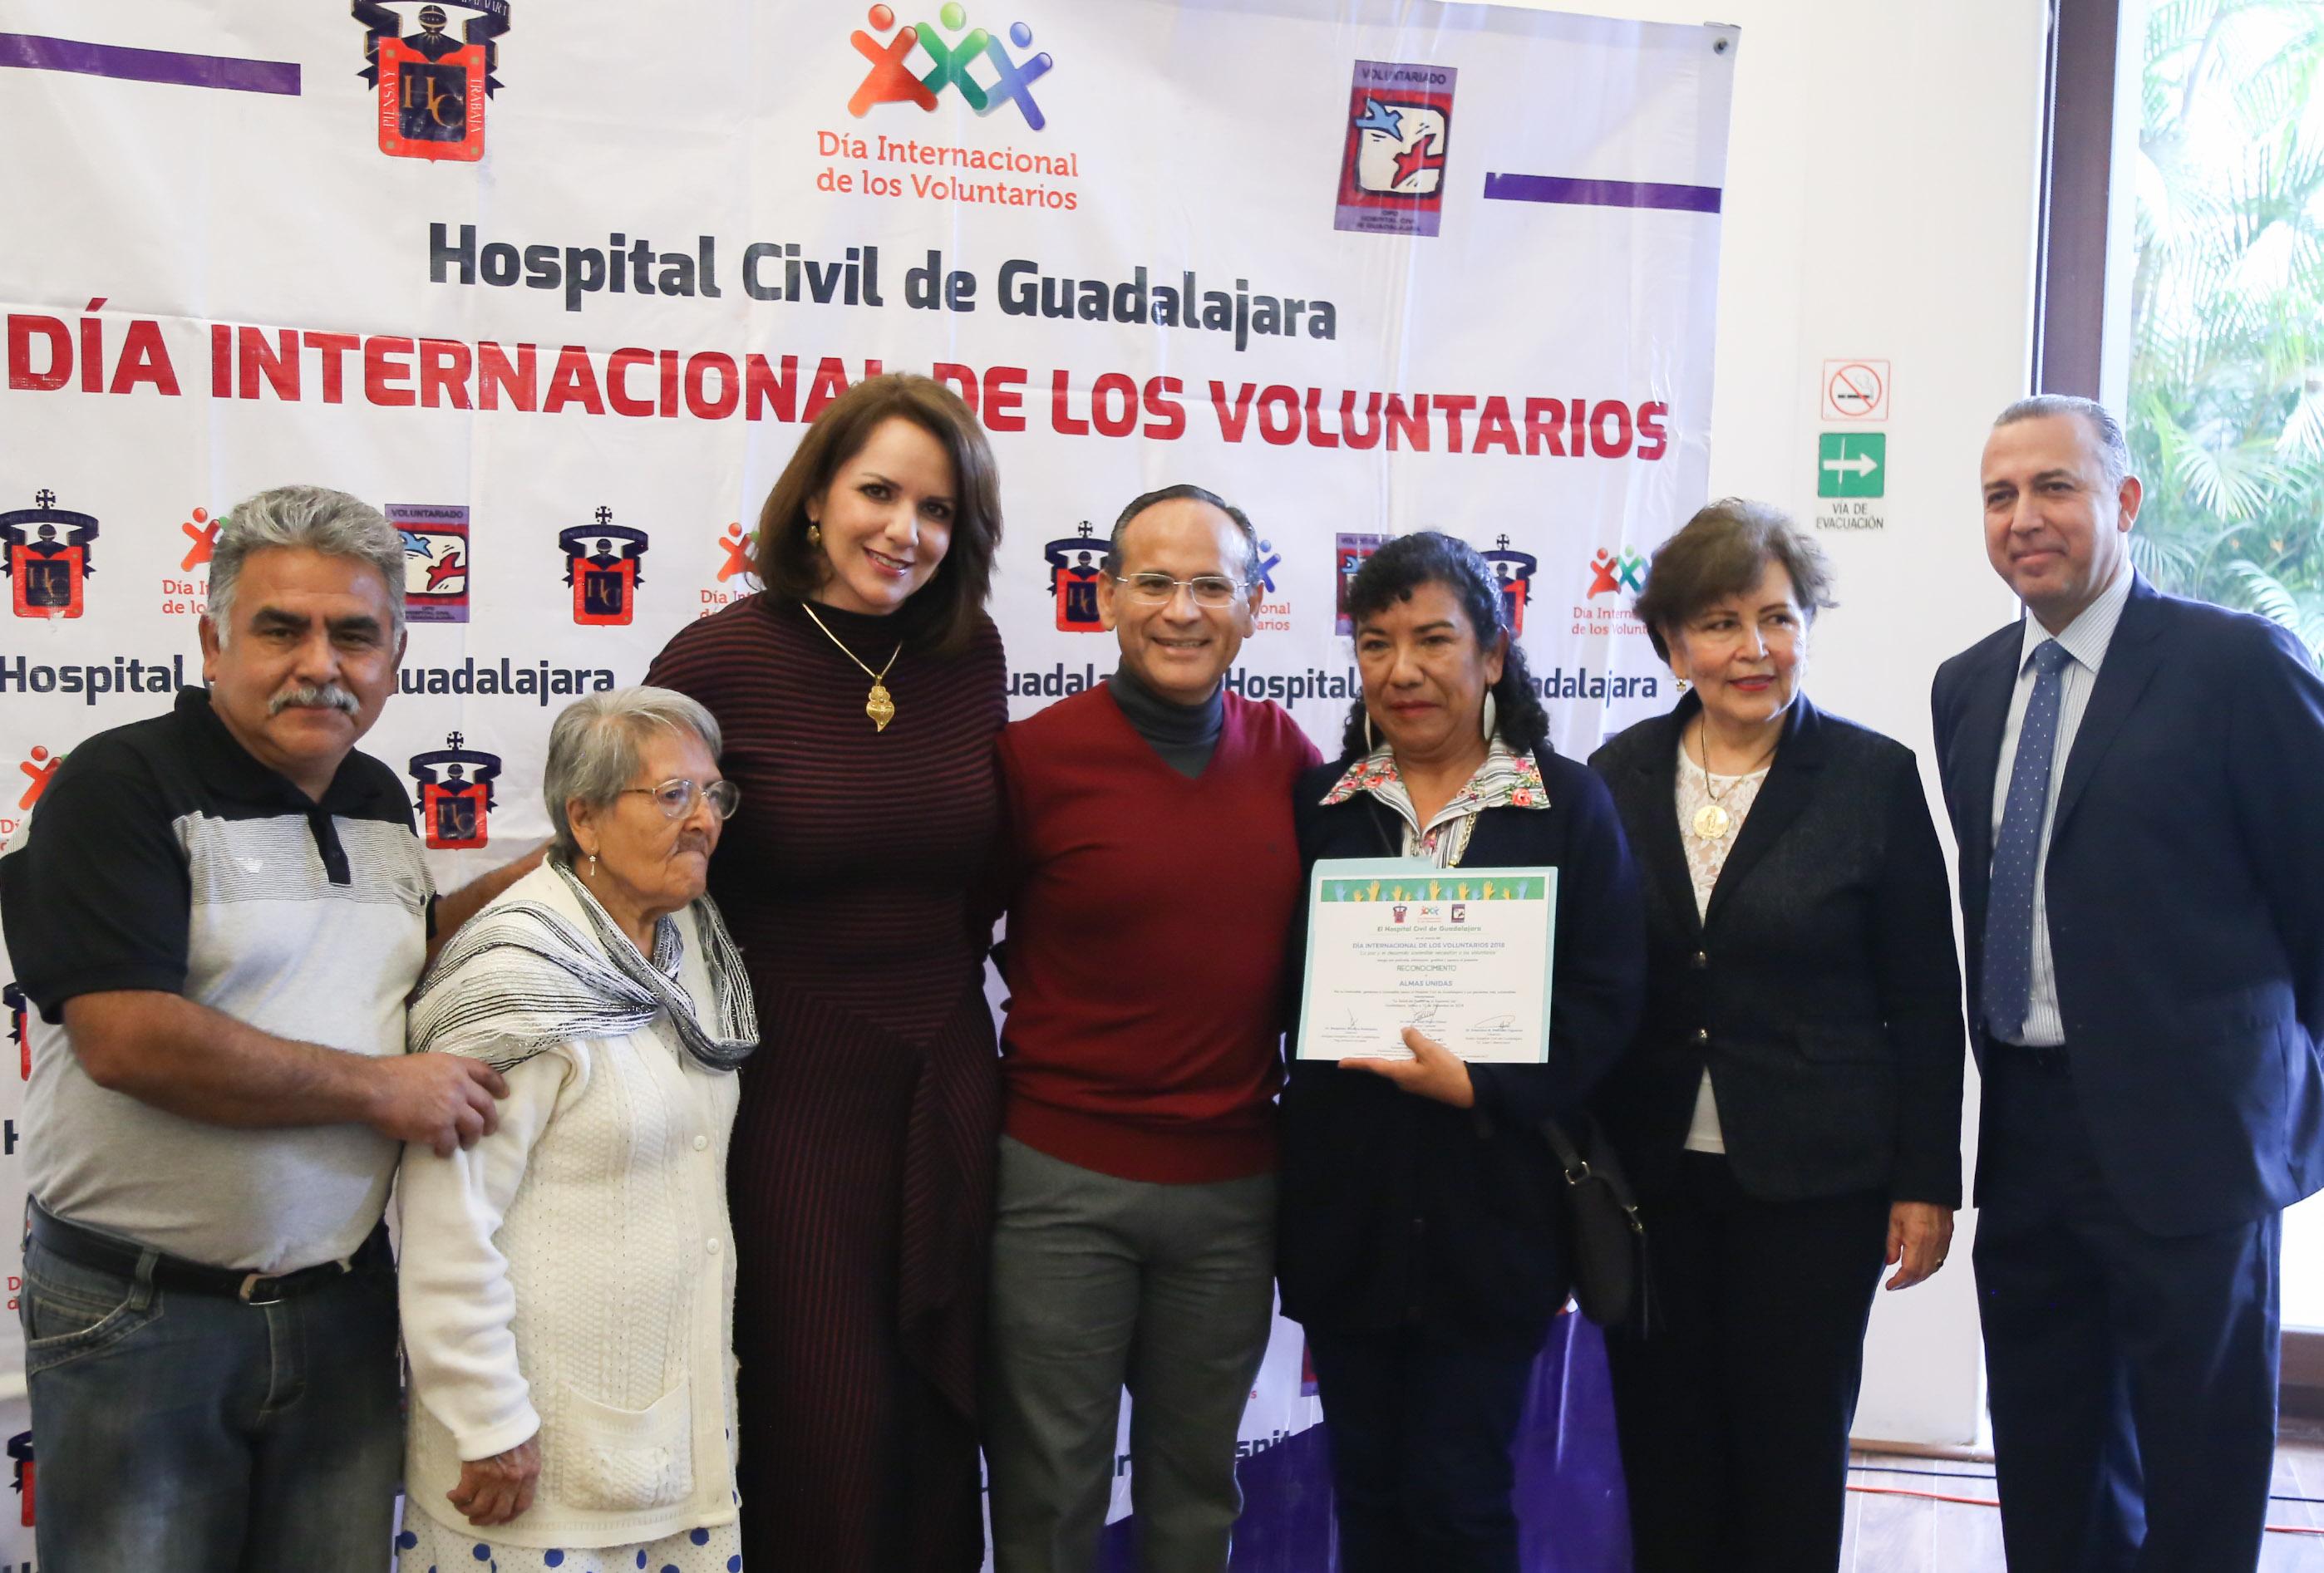 hace entrega del reconocimiento a un voluntario de la asociación ALMAS UNIDAS